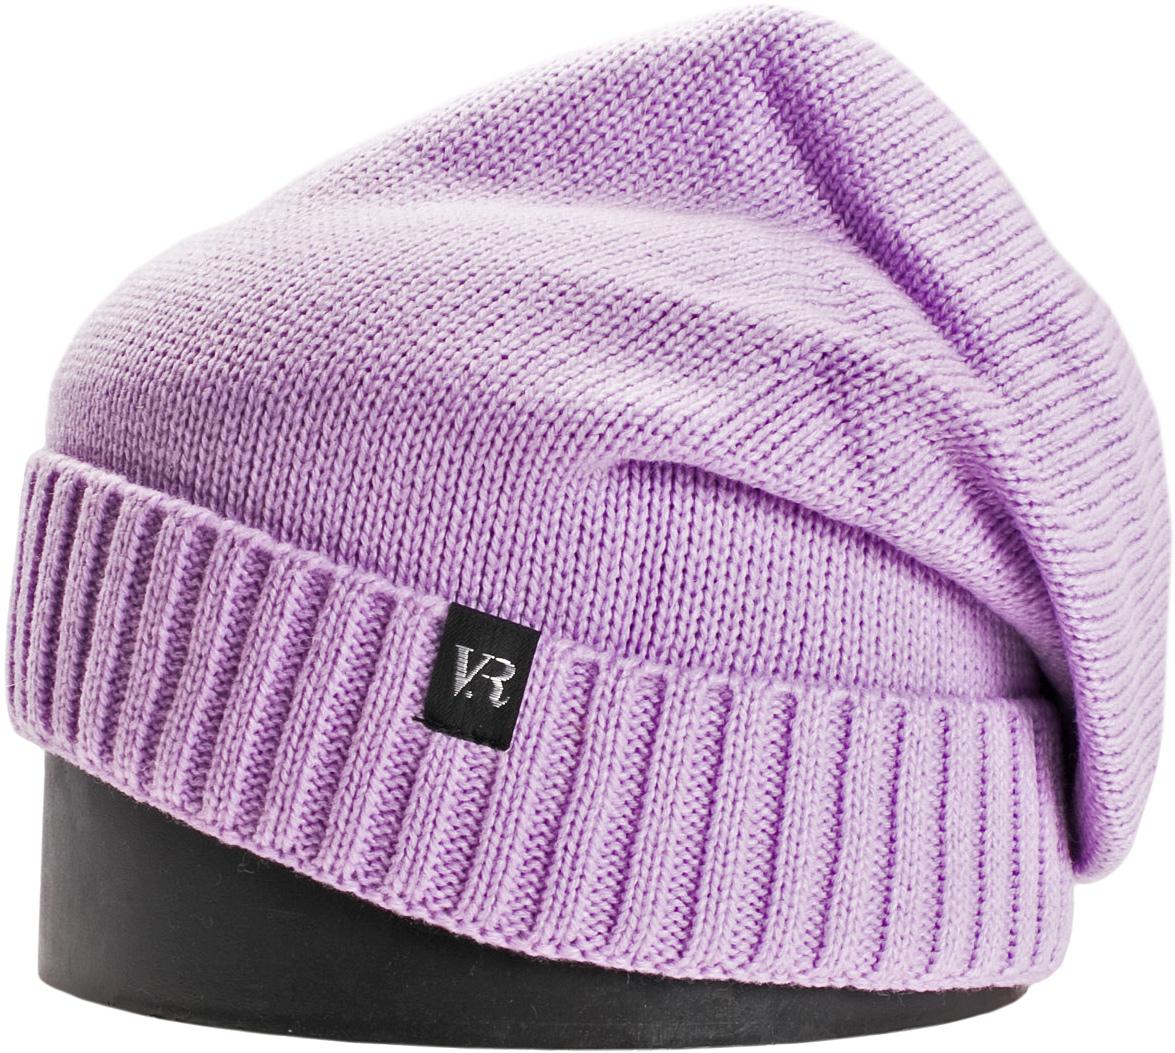 Шапка женская Vittorio Richi, цвет: светло-сиреневый. NSH150706. Размер 56/58NSH150706Стильная женская шапка Vittorio Richi отлично дополнит ваш образ в холодную погоду. Модель, изготовленная из шерсти с добавлением полиамида, максимально сохраняет тепло и обеспечивает удобную посадку. Шапка дополнена сзади декоративным элементом и сбоку фирменной нашивкой. Привлекательная стильная шапка подчеркнет ваш неповторимый стиль и индивидуальность.